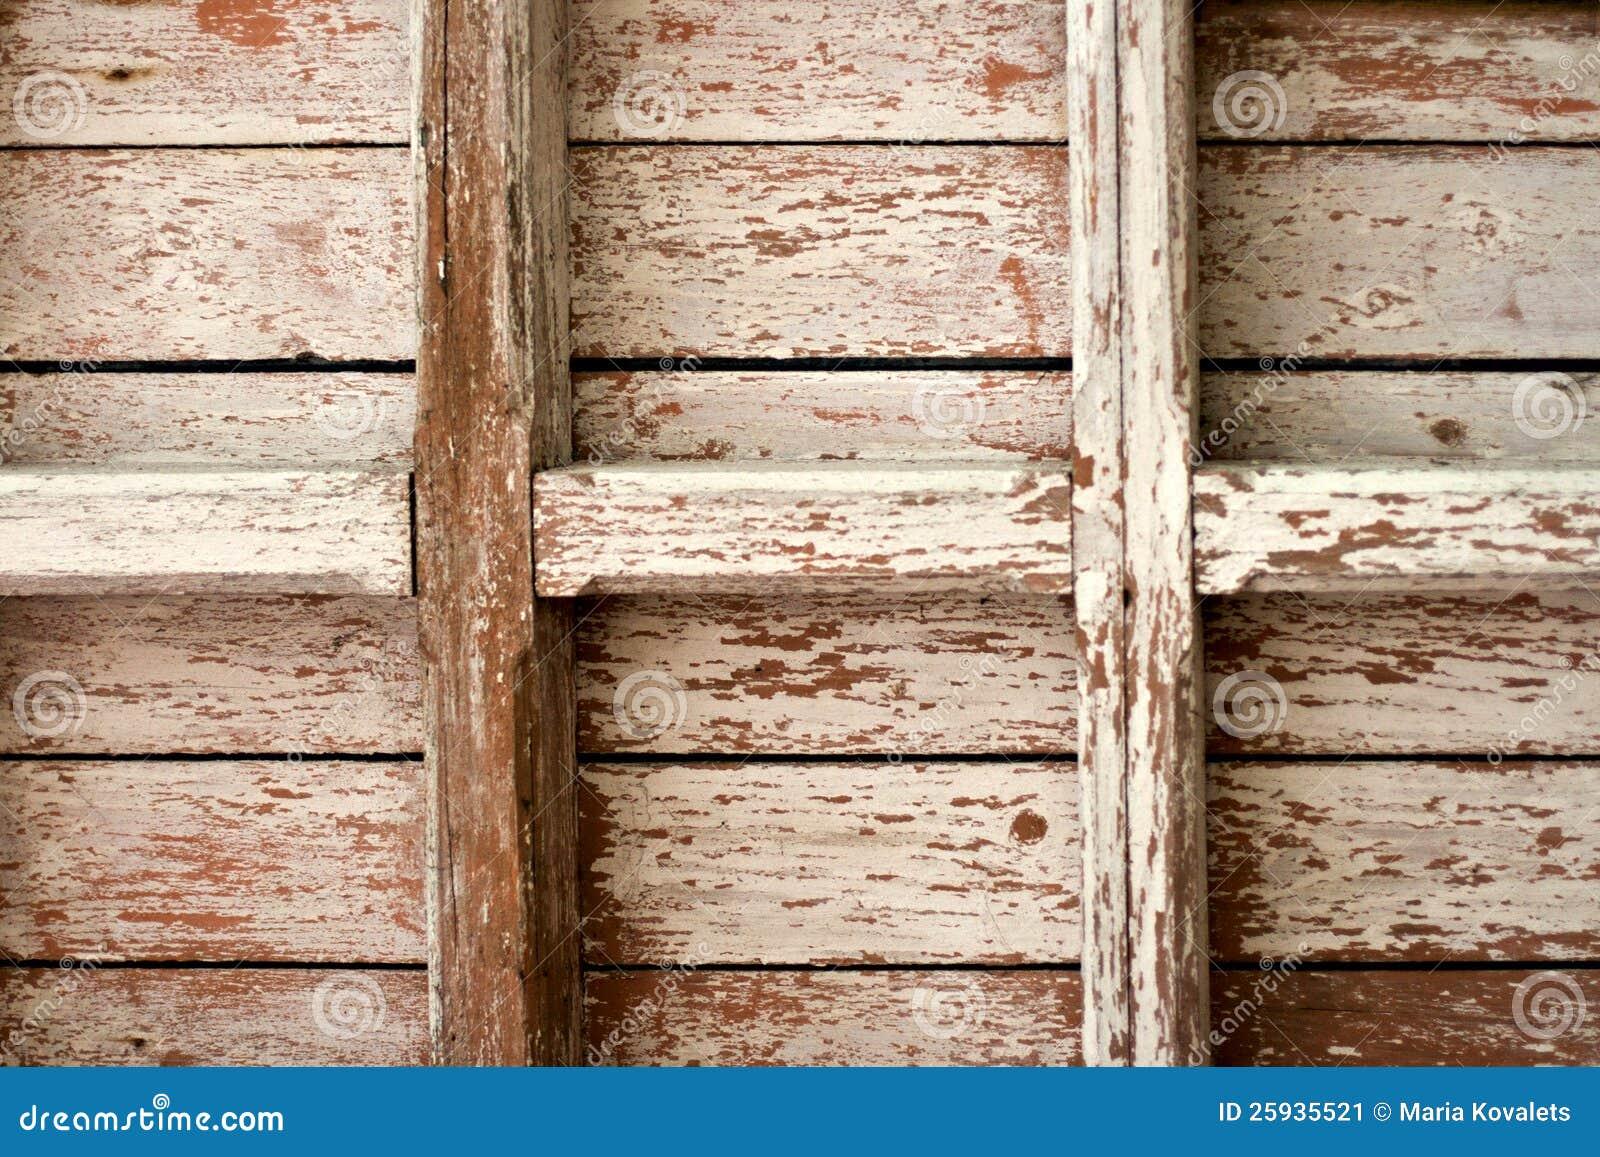 Vieille planche en bois image stock image 25935521 - Vieilles planches de bois ...